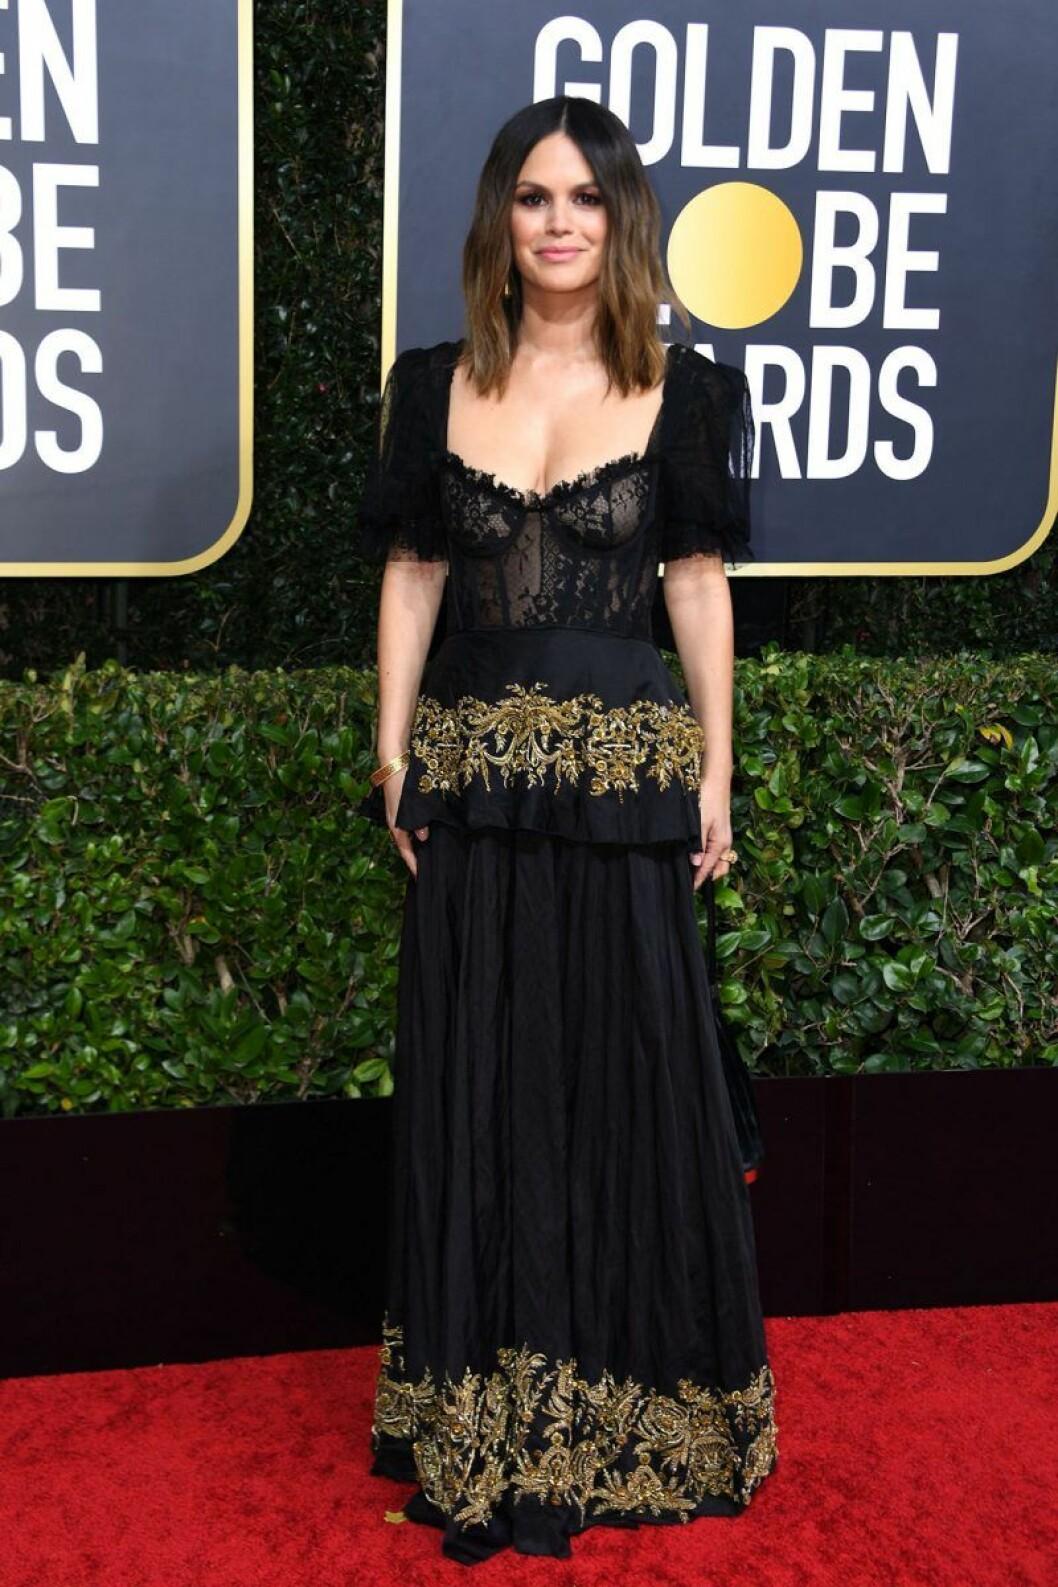 Rachel Bilson Golden Globes